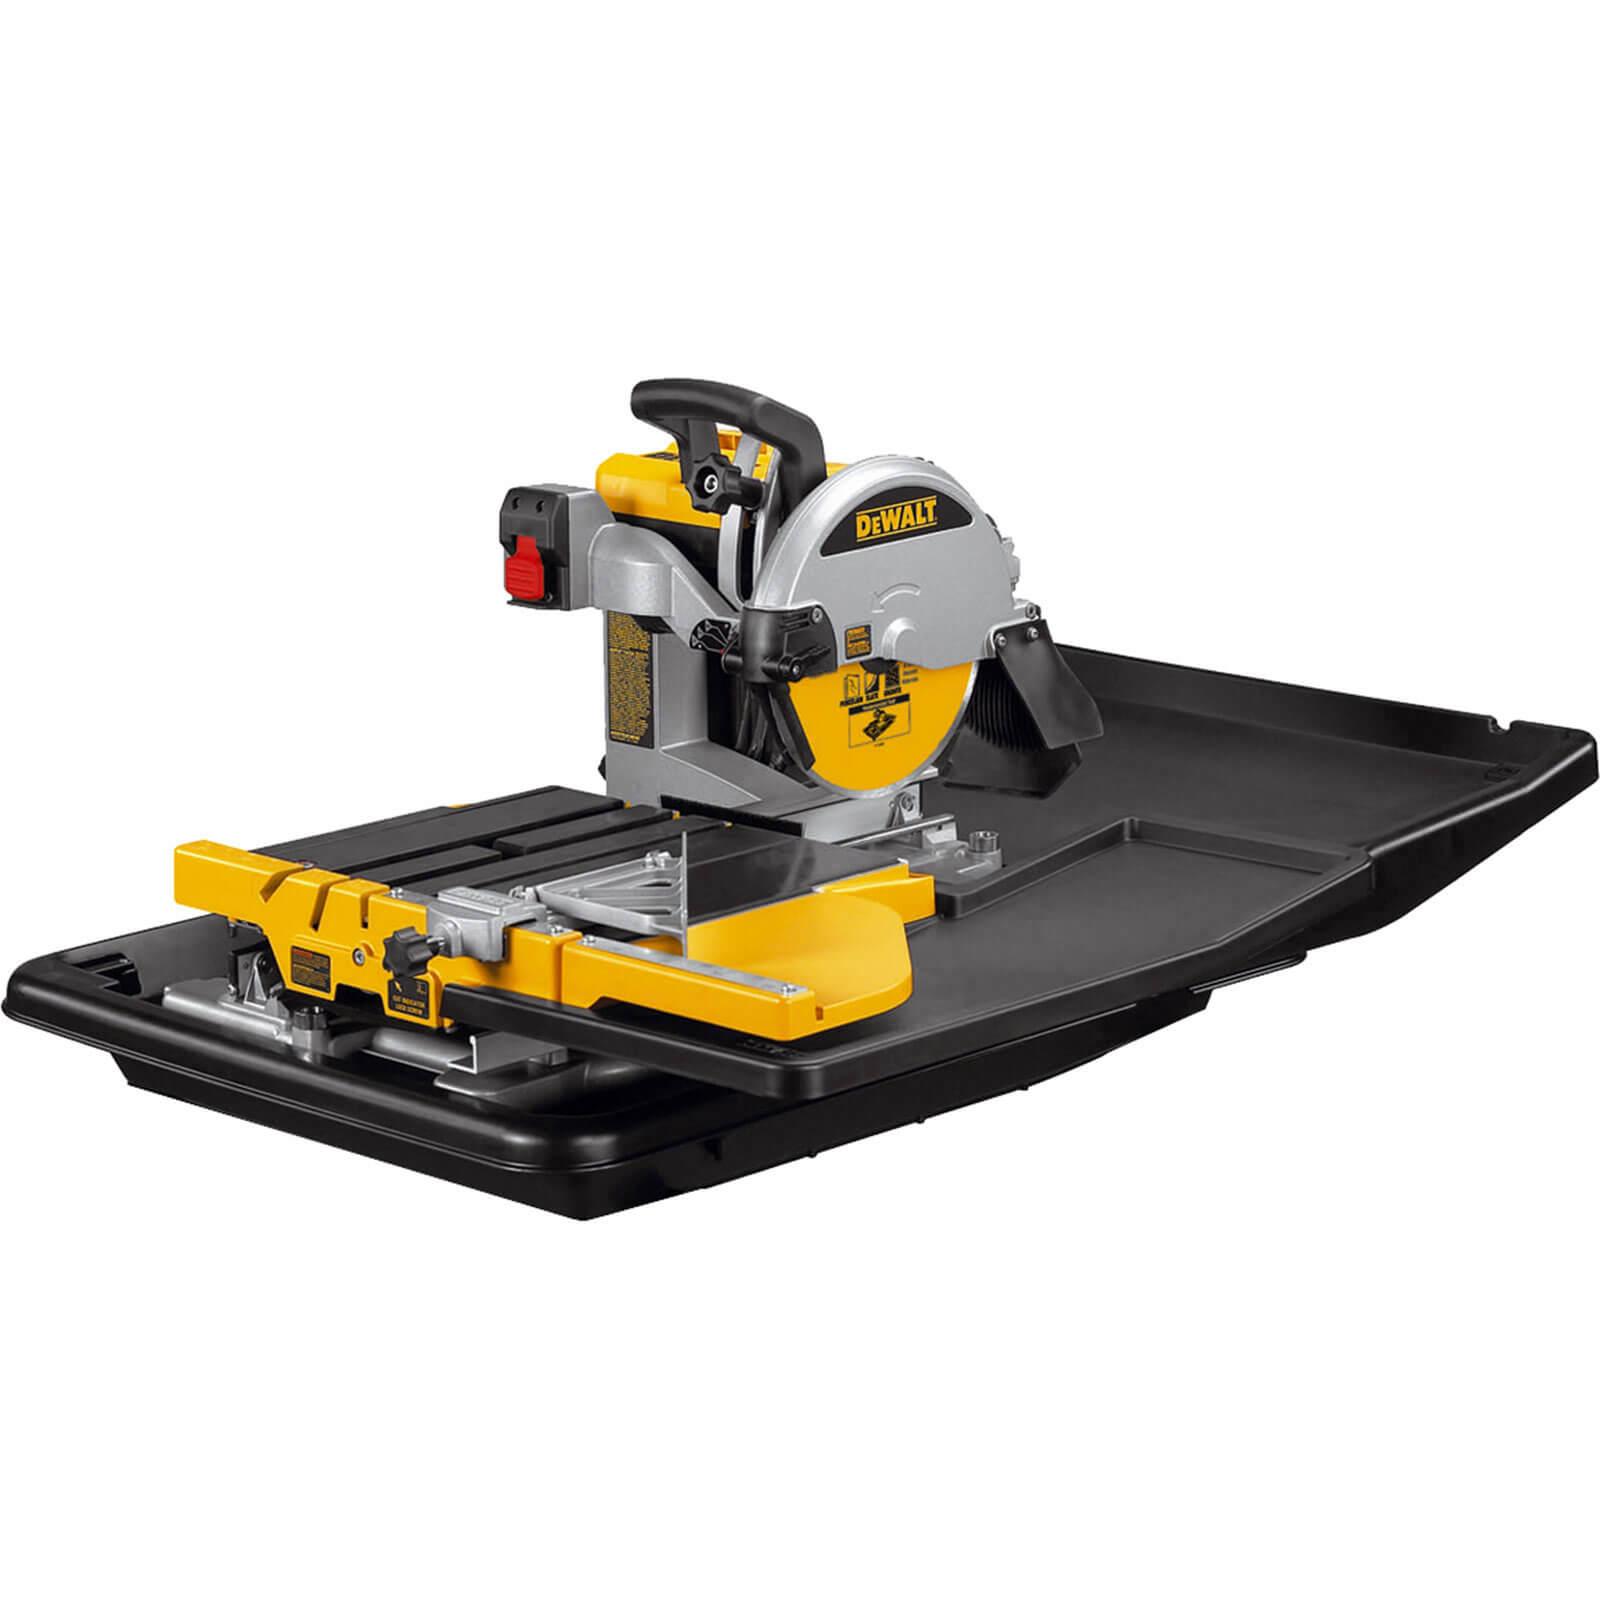 Image of DeWalt D24000 Wet Table Tile Saw 240v